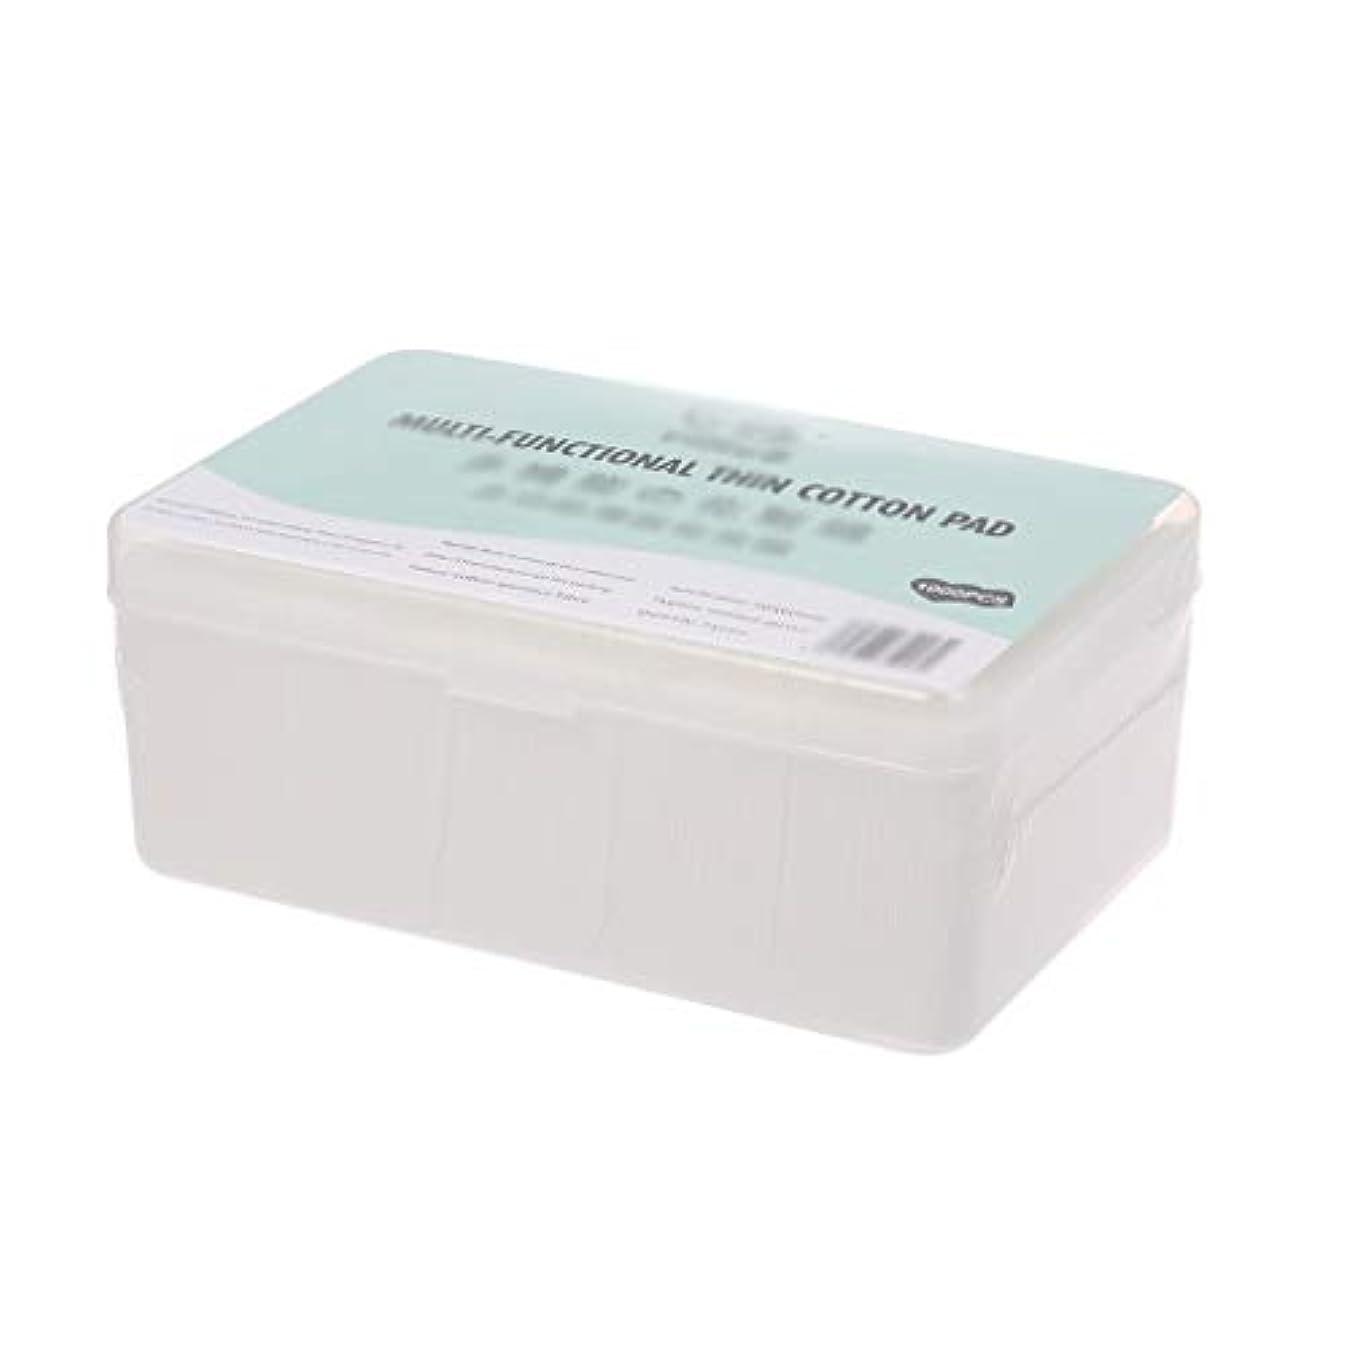 キリストカスケードのりクレンジングシート 1000ピース箱入り使い捨て超薄型コットンメイク落としネイルポリッシュリムーバークレンジングティッシュペーパーペーパー (Color : White, サイズ : 5*6cm)